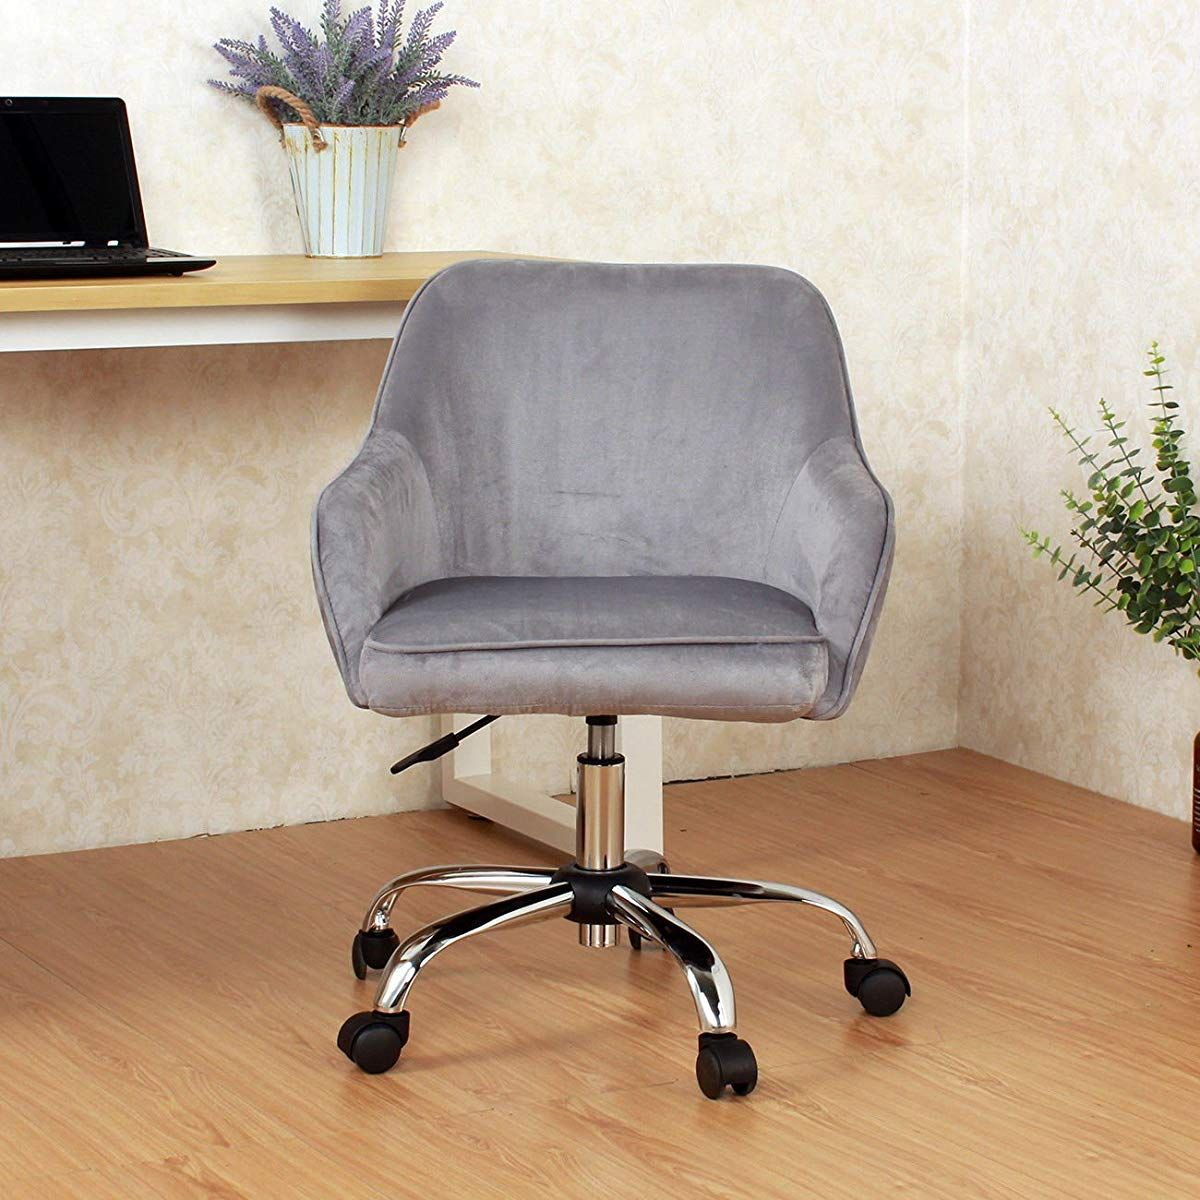 Velvet Mid Back Padded Seat Swivel Chair Desk Chair Office Desk Chair